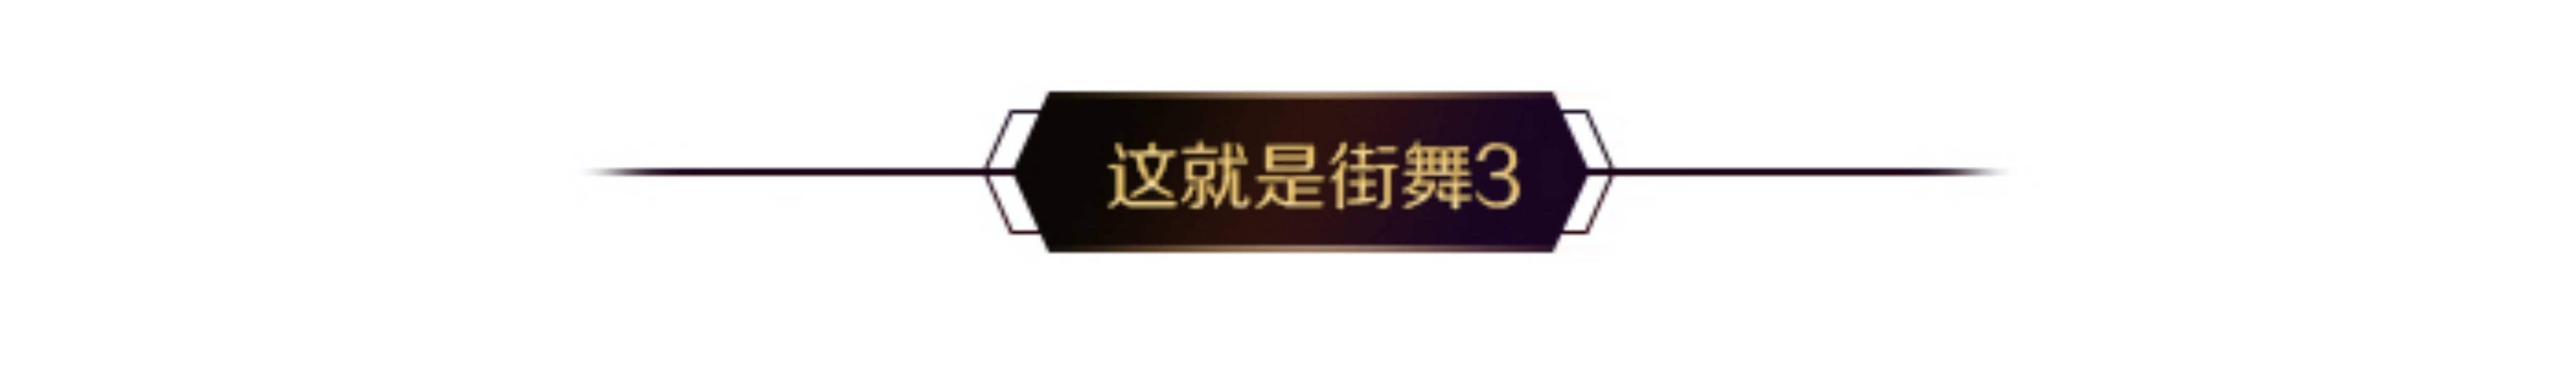 张文宏又说大实话!战胜新冠病毒,要面临这一挑战